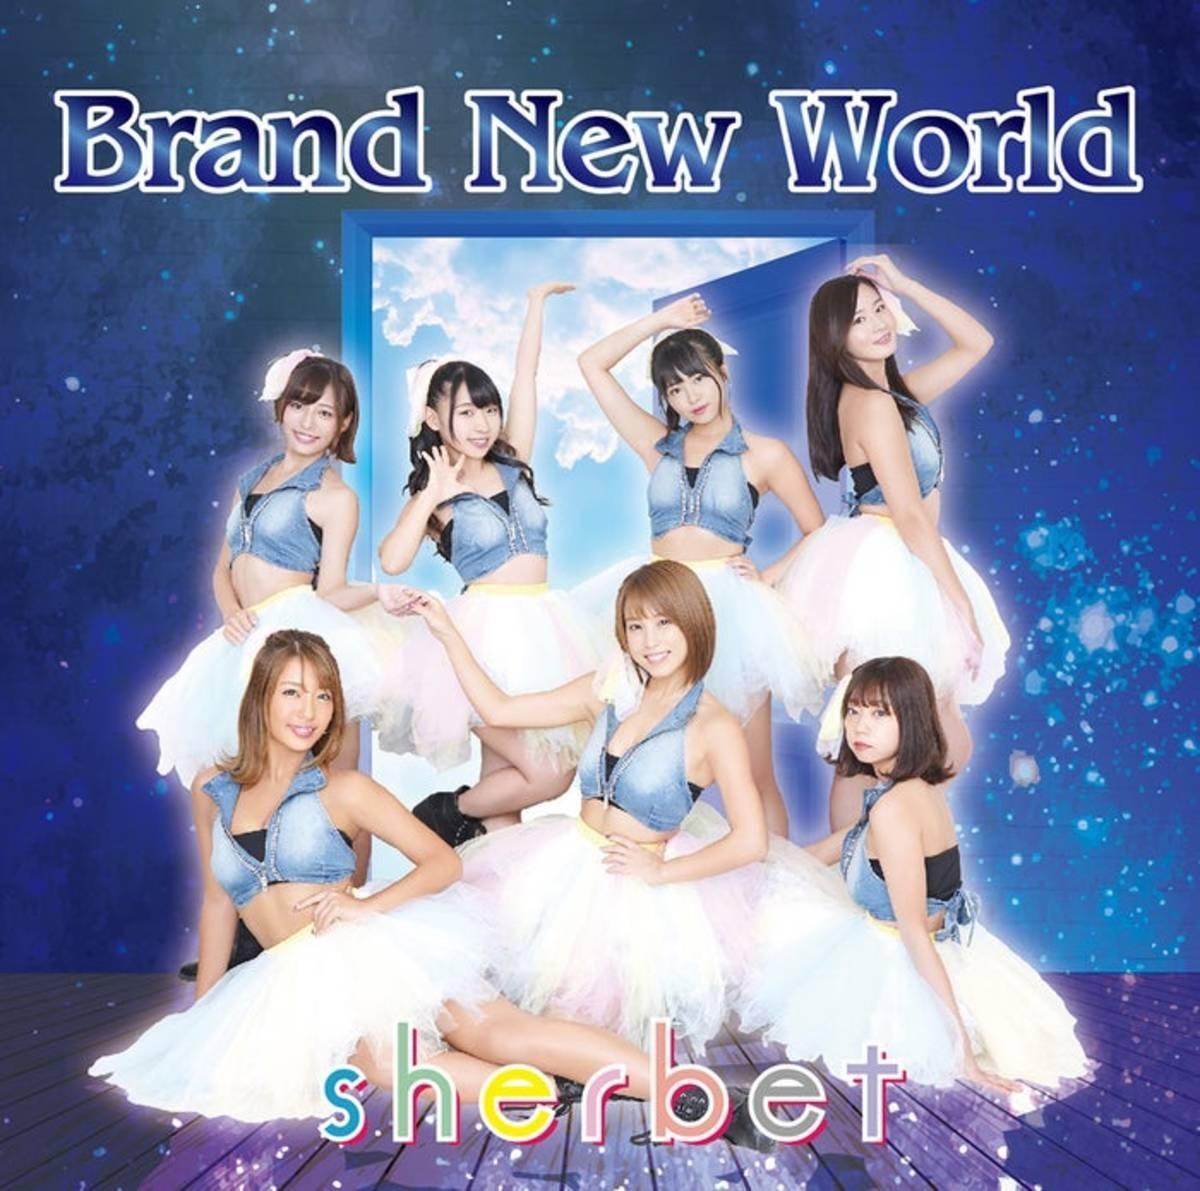 Brand New World (sherbet)